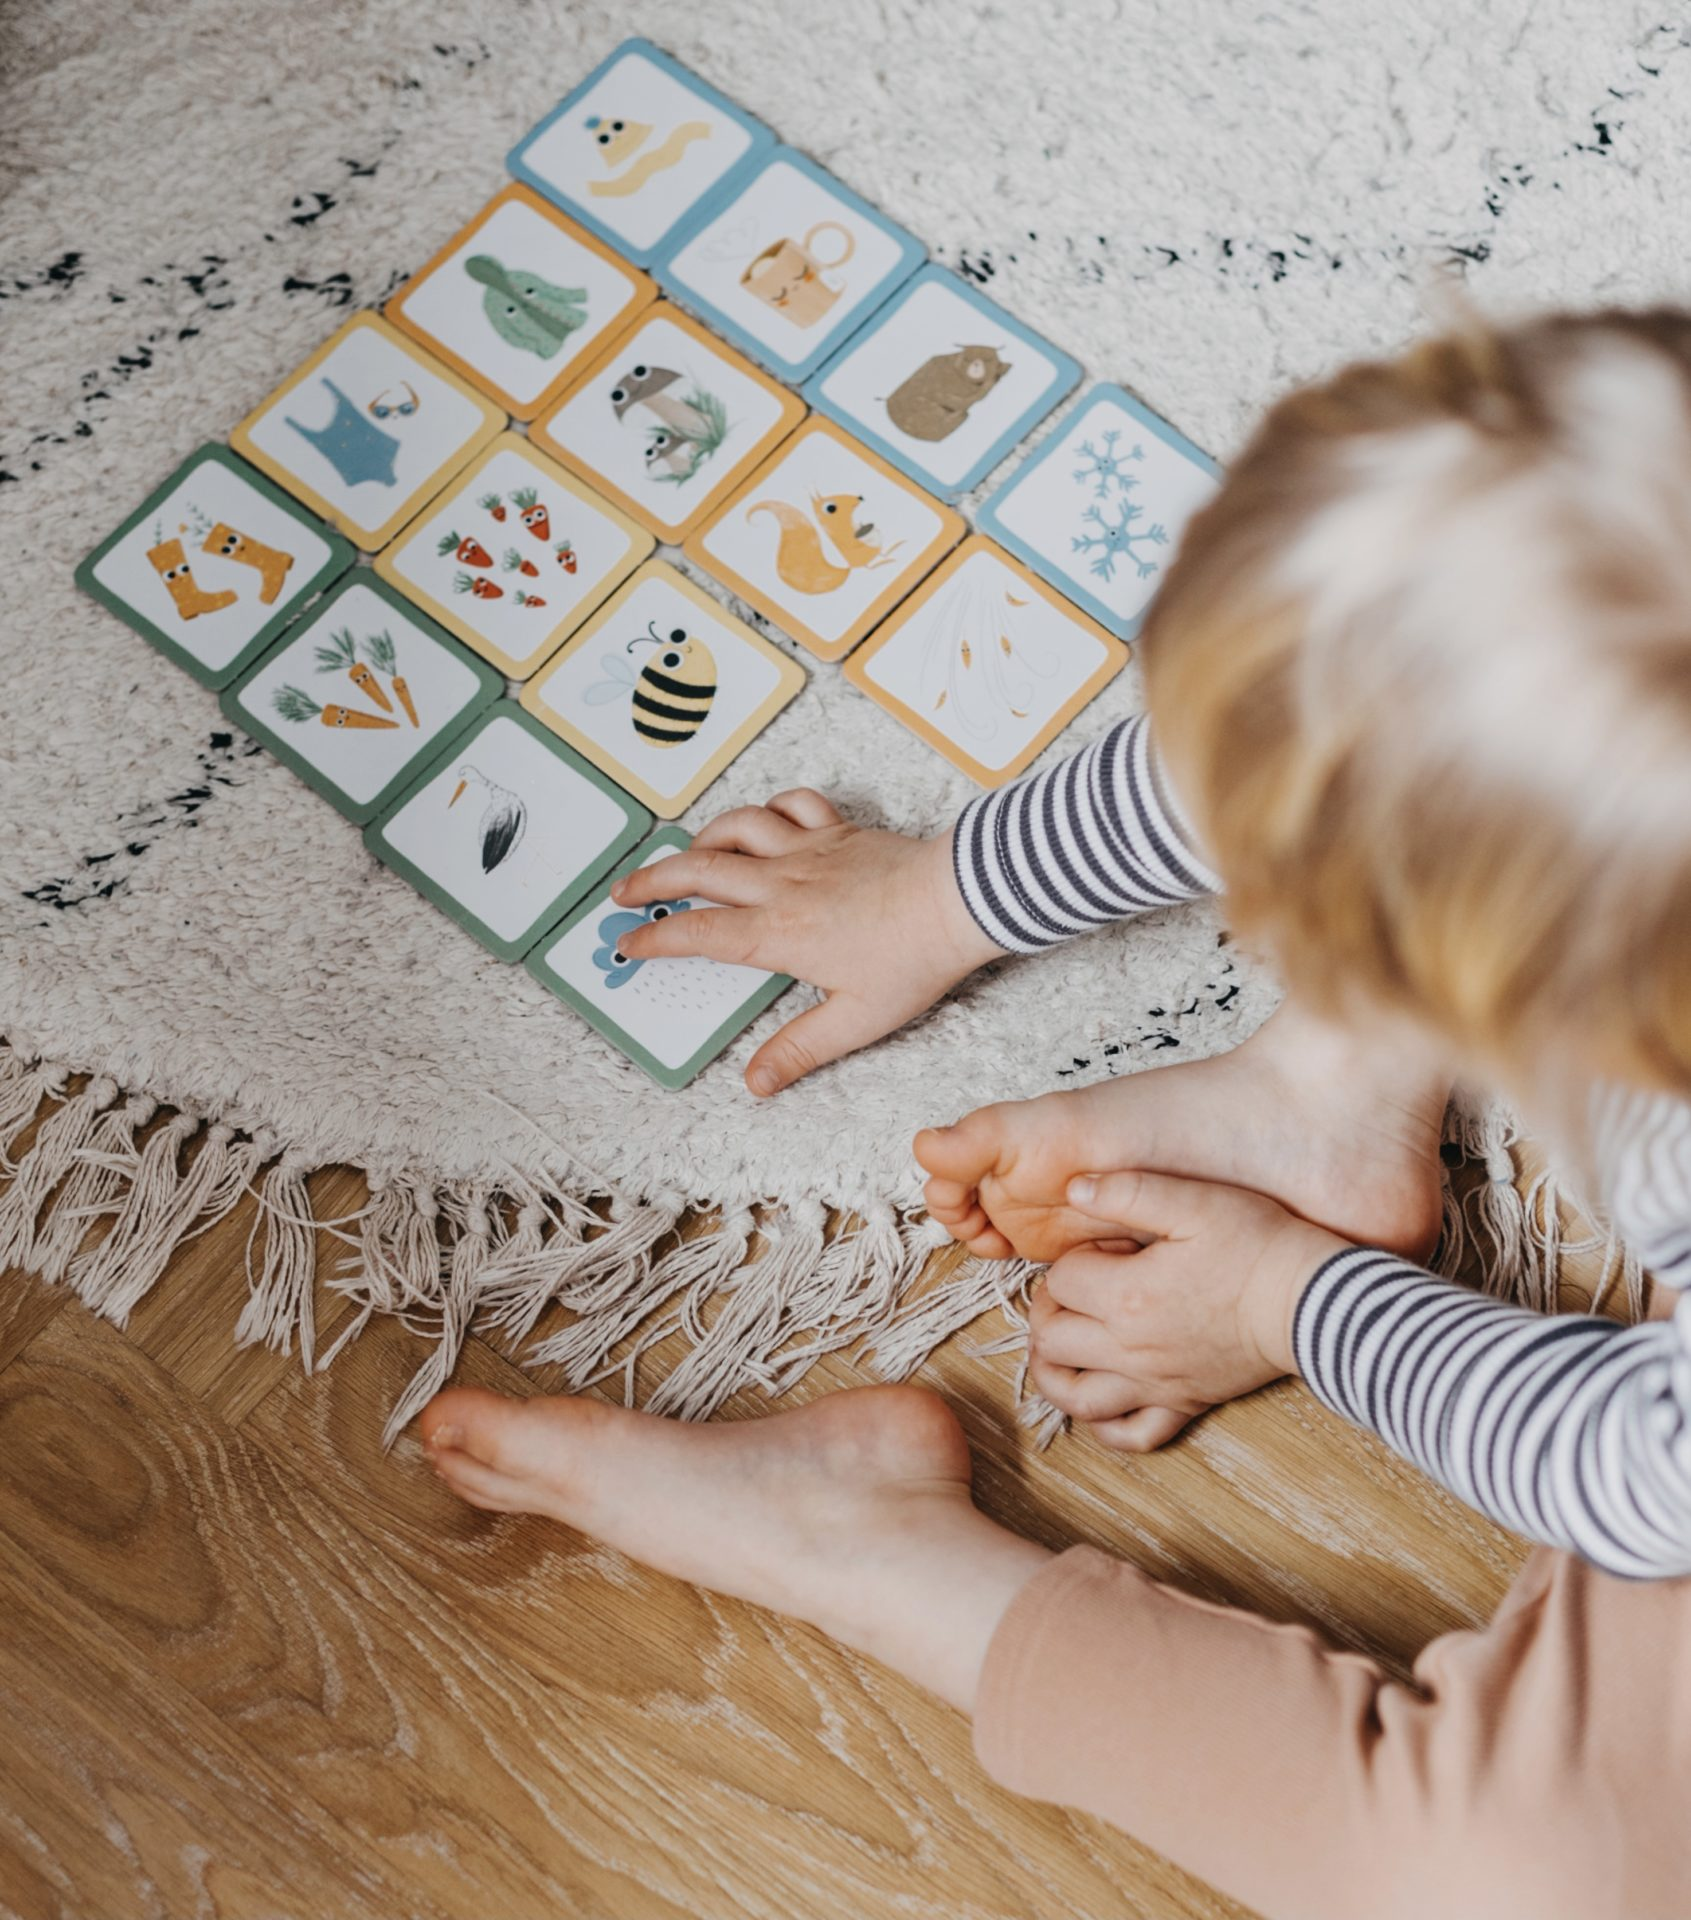 Dziecko kategoryzuje obrazki